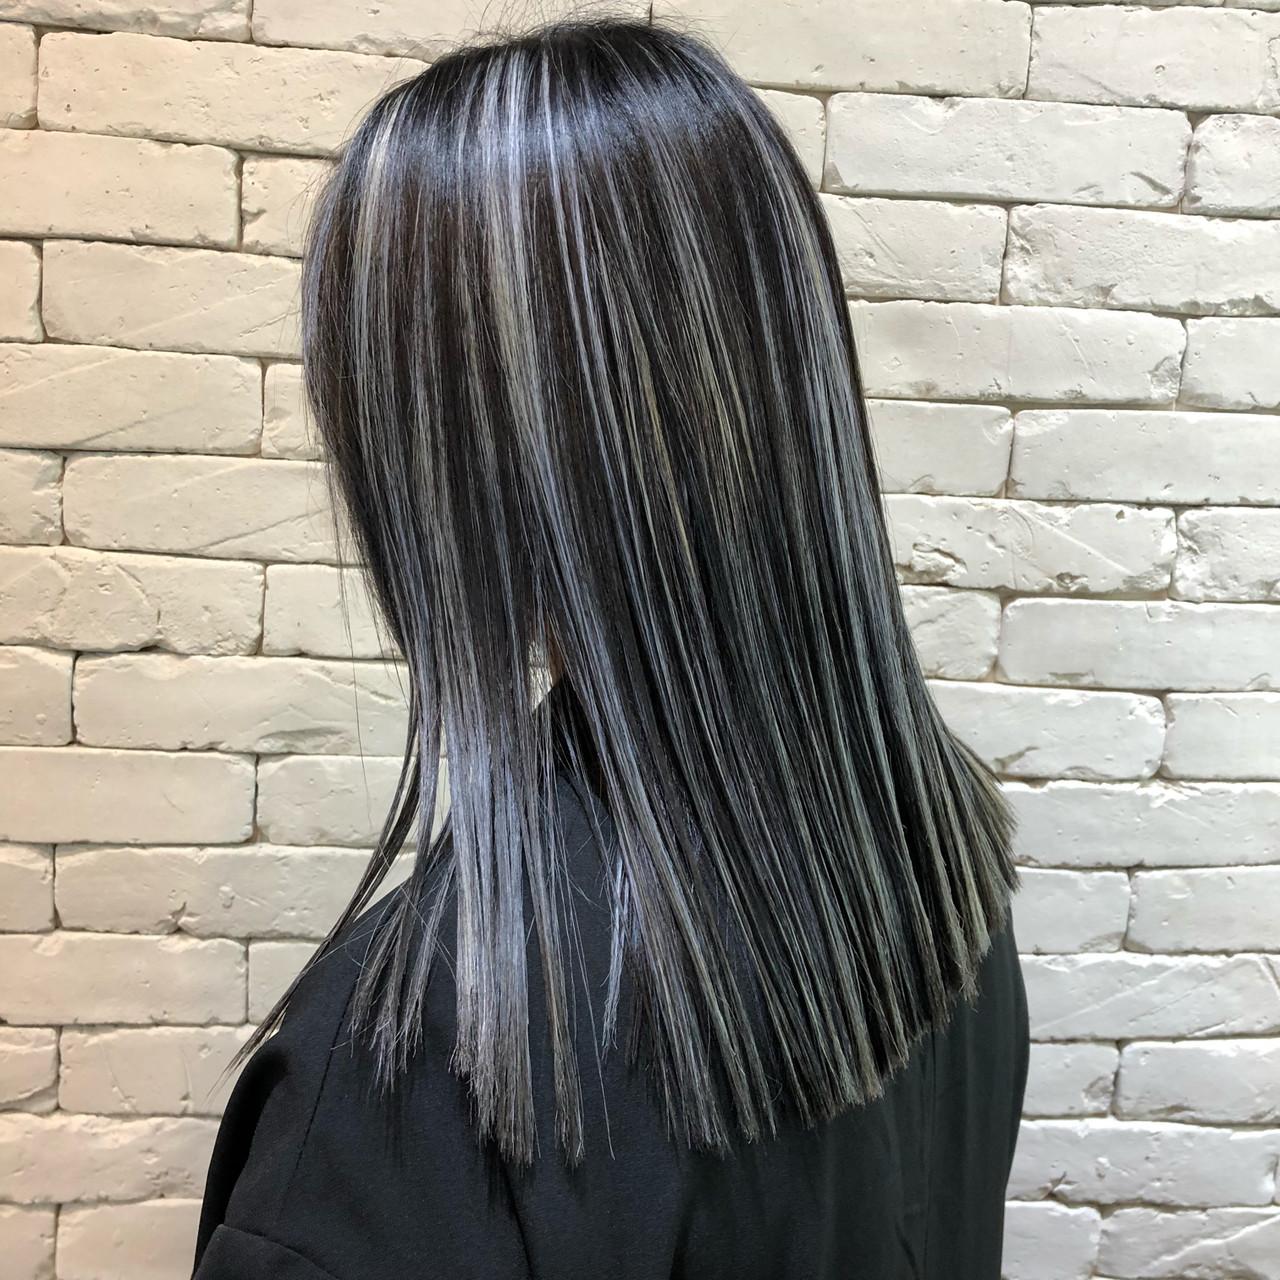 外国人風 バレイヤージュ セミロング ストリート ヘアスタイルや髪型の写真・画像